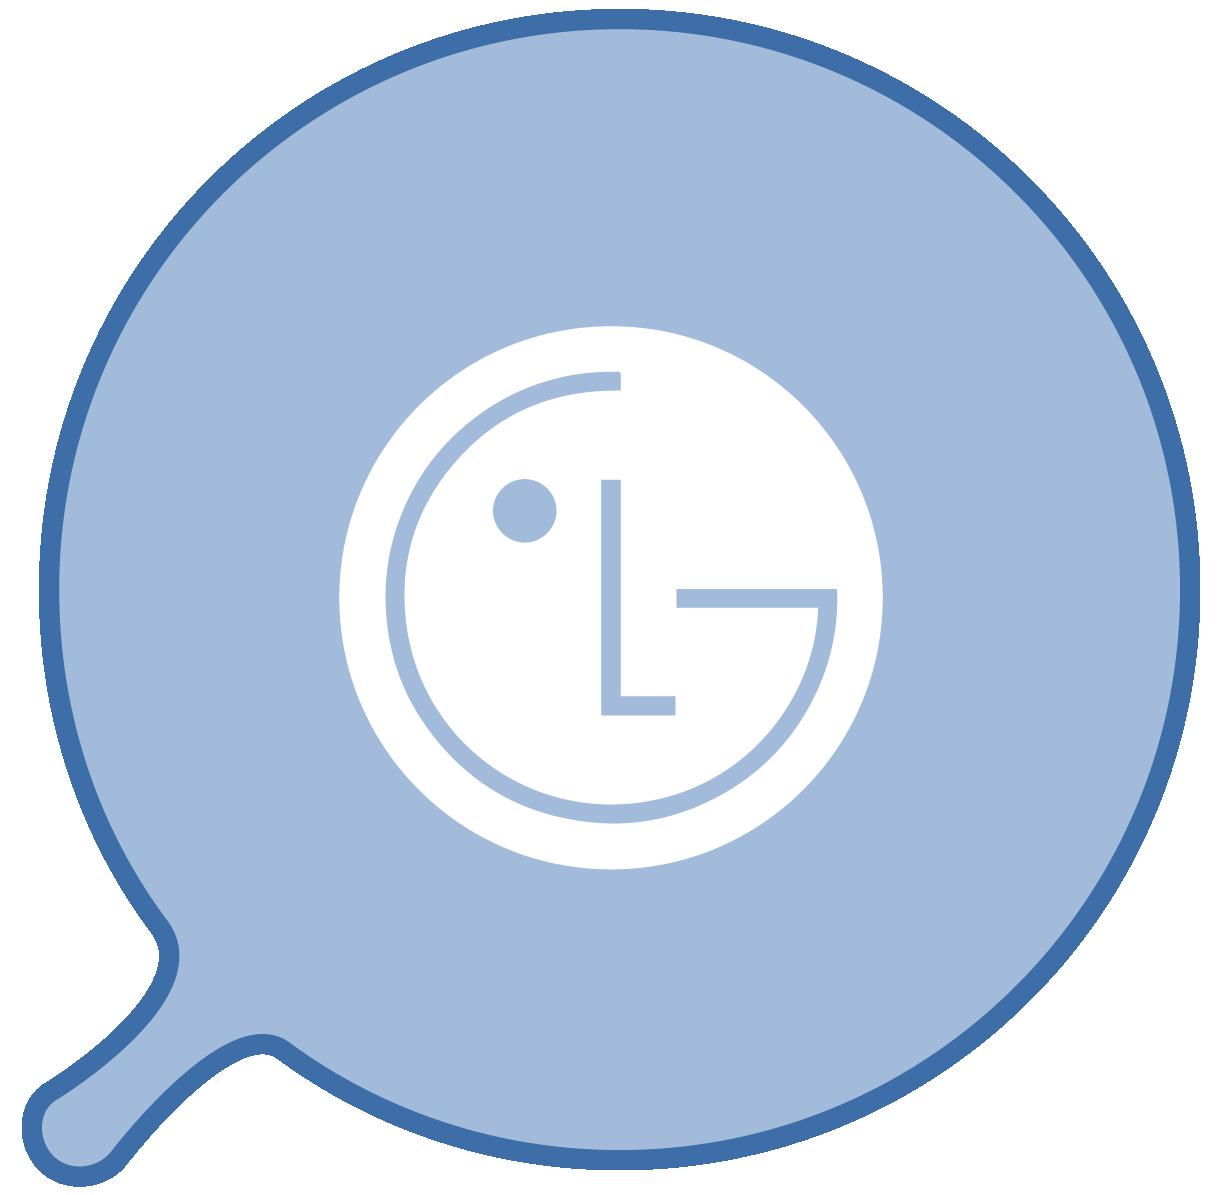 logos marcas-06